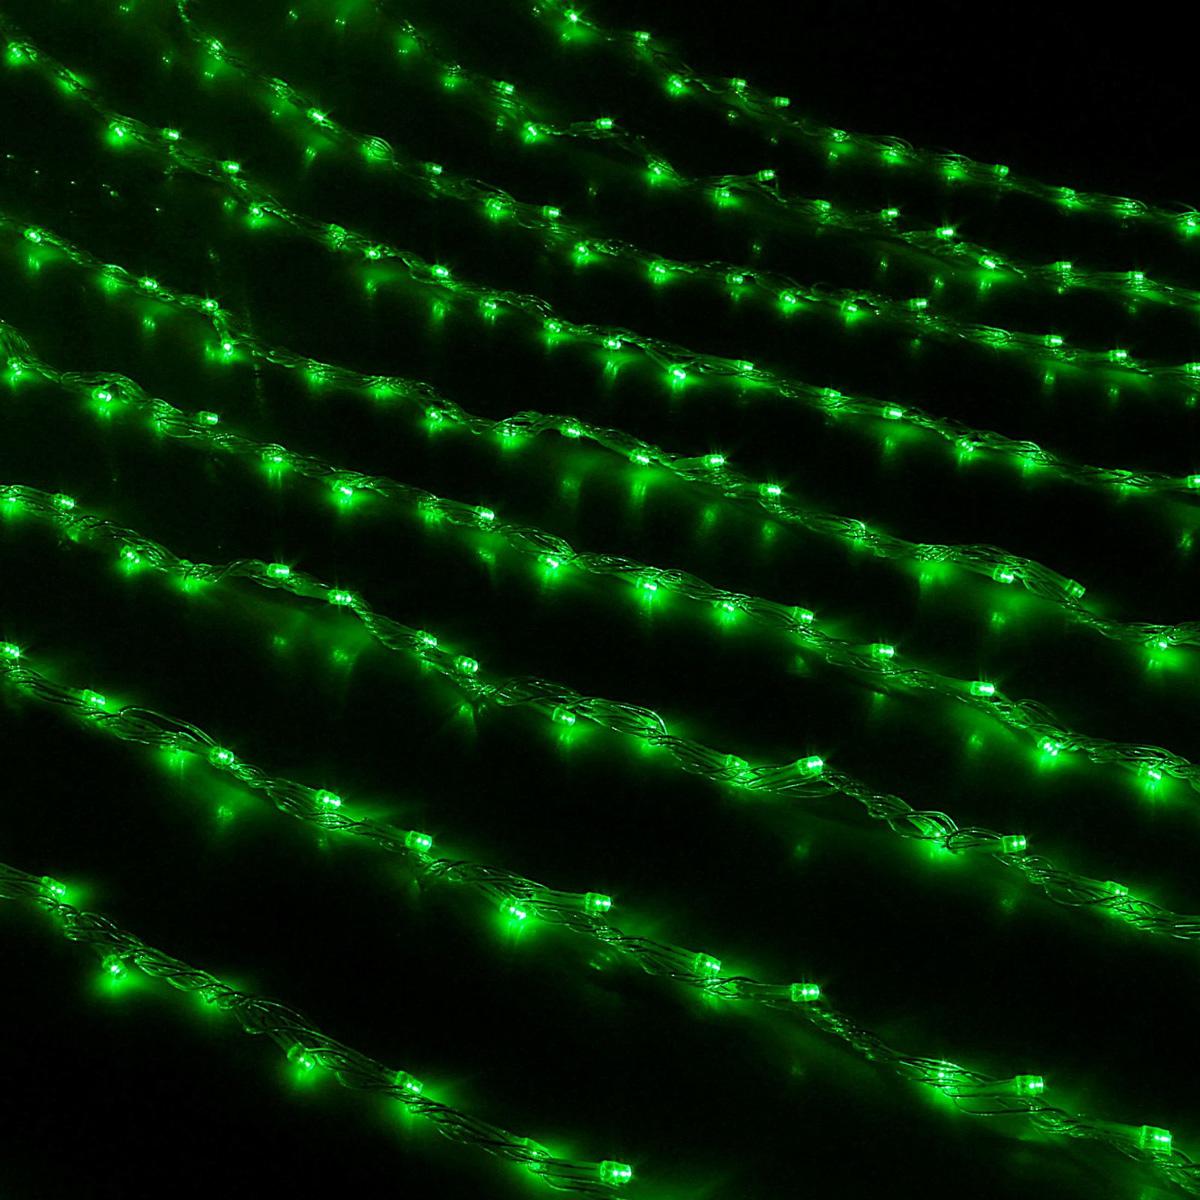 Гирлянда светодиодная Luazon Дождь, уличная, 800 ламп, 220 V, цвет: зеленый, 2 х 3 м. 187318187318Светодиодные гирлянды, ленты и т.д — это отличный вариант для новогоднего оформления интерьера или фасада. С их помощью помещение любого размера можно превратить в праздничный зал, а внешние элементы зданий, украшенные ими, мгновенно станут напоминать очертания сказочного дворца. Такие украшения создают ауру предвкушения чуда. Деревья, фасады, витрины, окна и арки будто специально созданы, чтобы вы украсили их светящимися нитями.